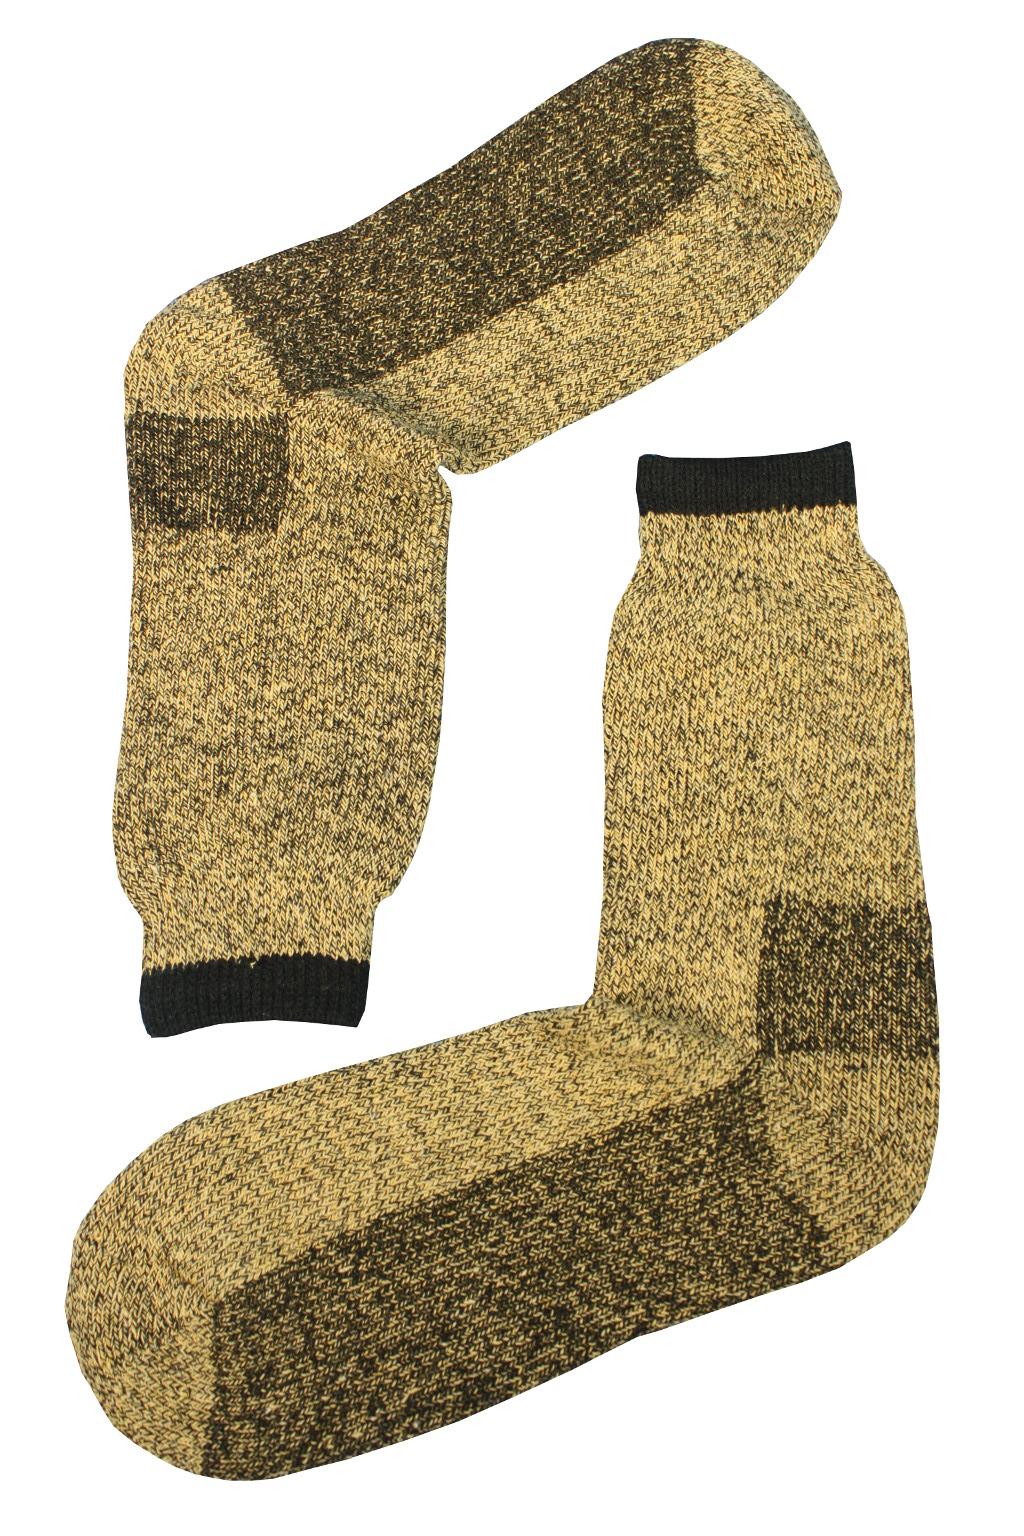 Teplé vlněné ponožky Thermo 43-46 světle hnědá